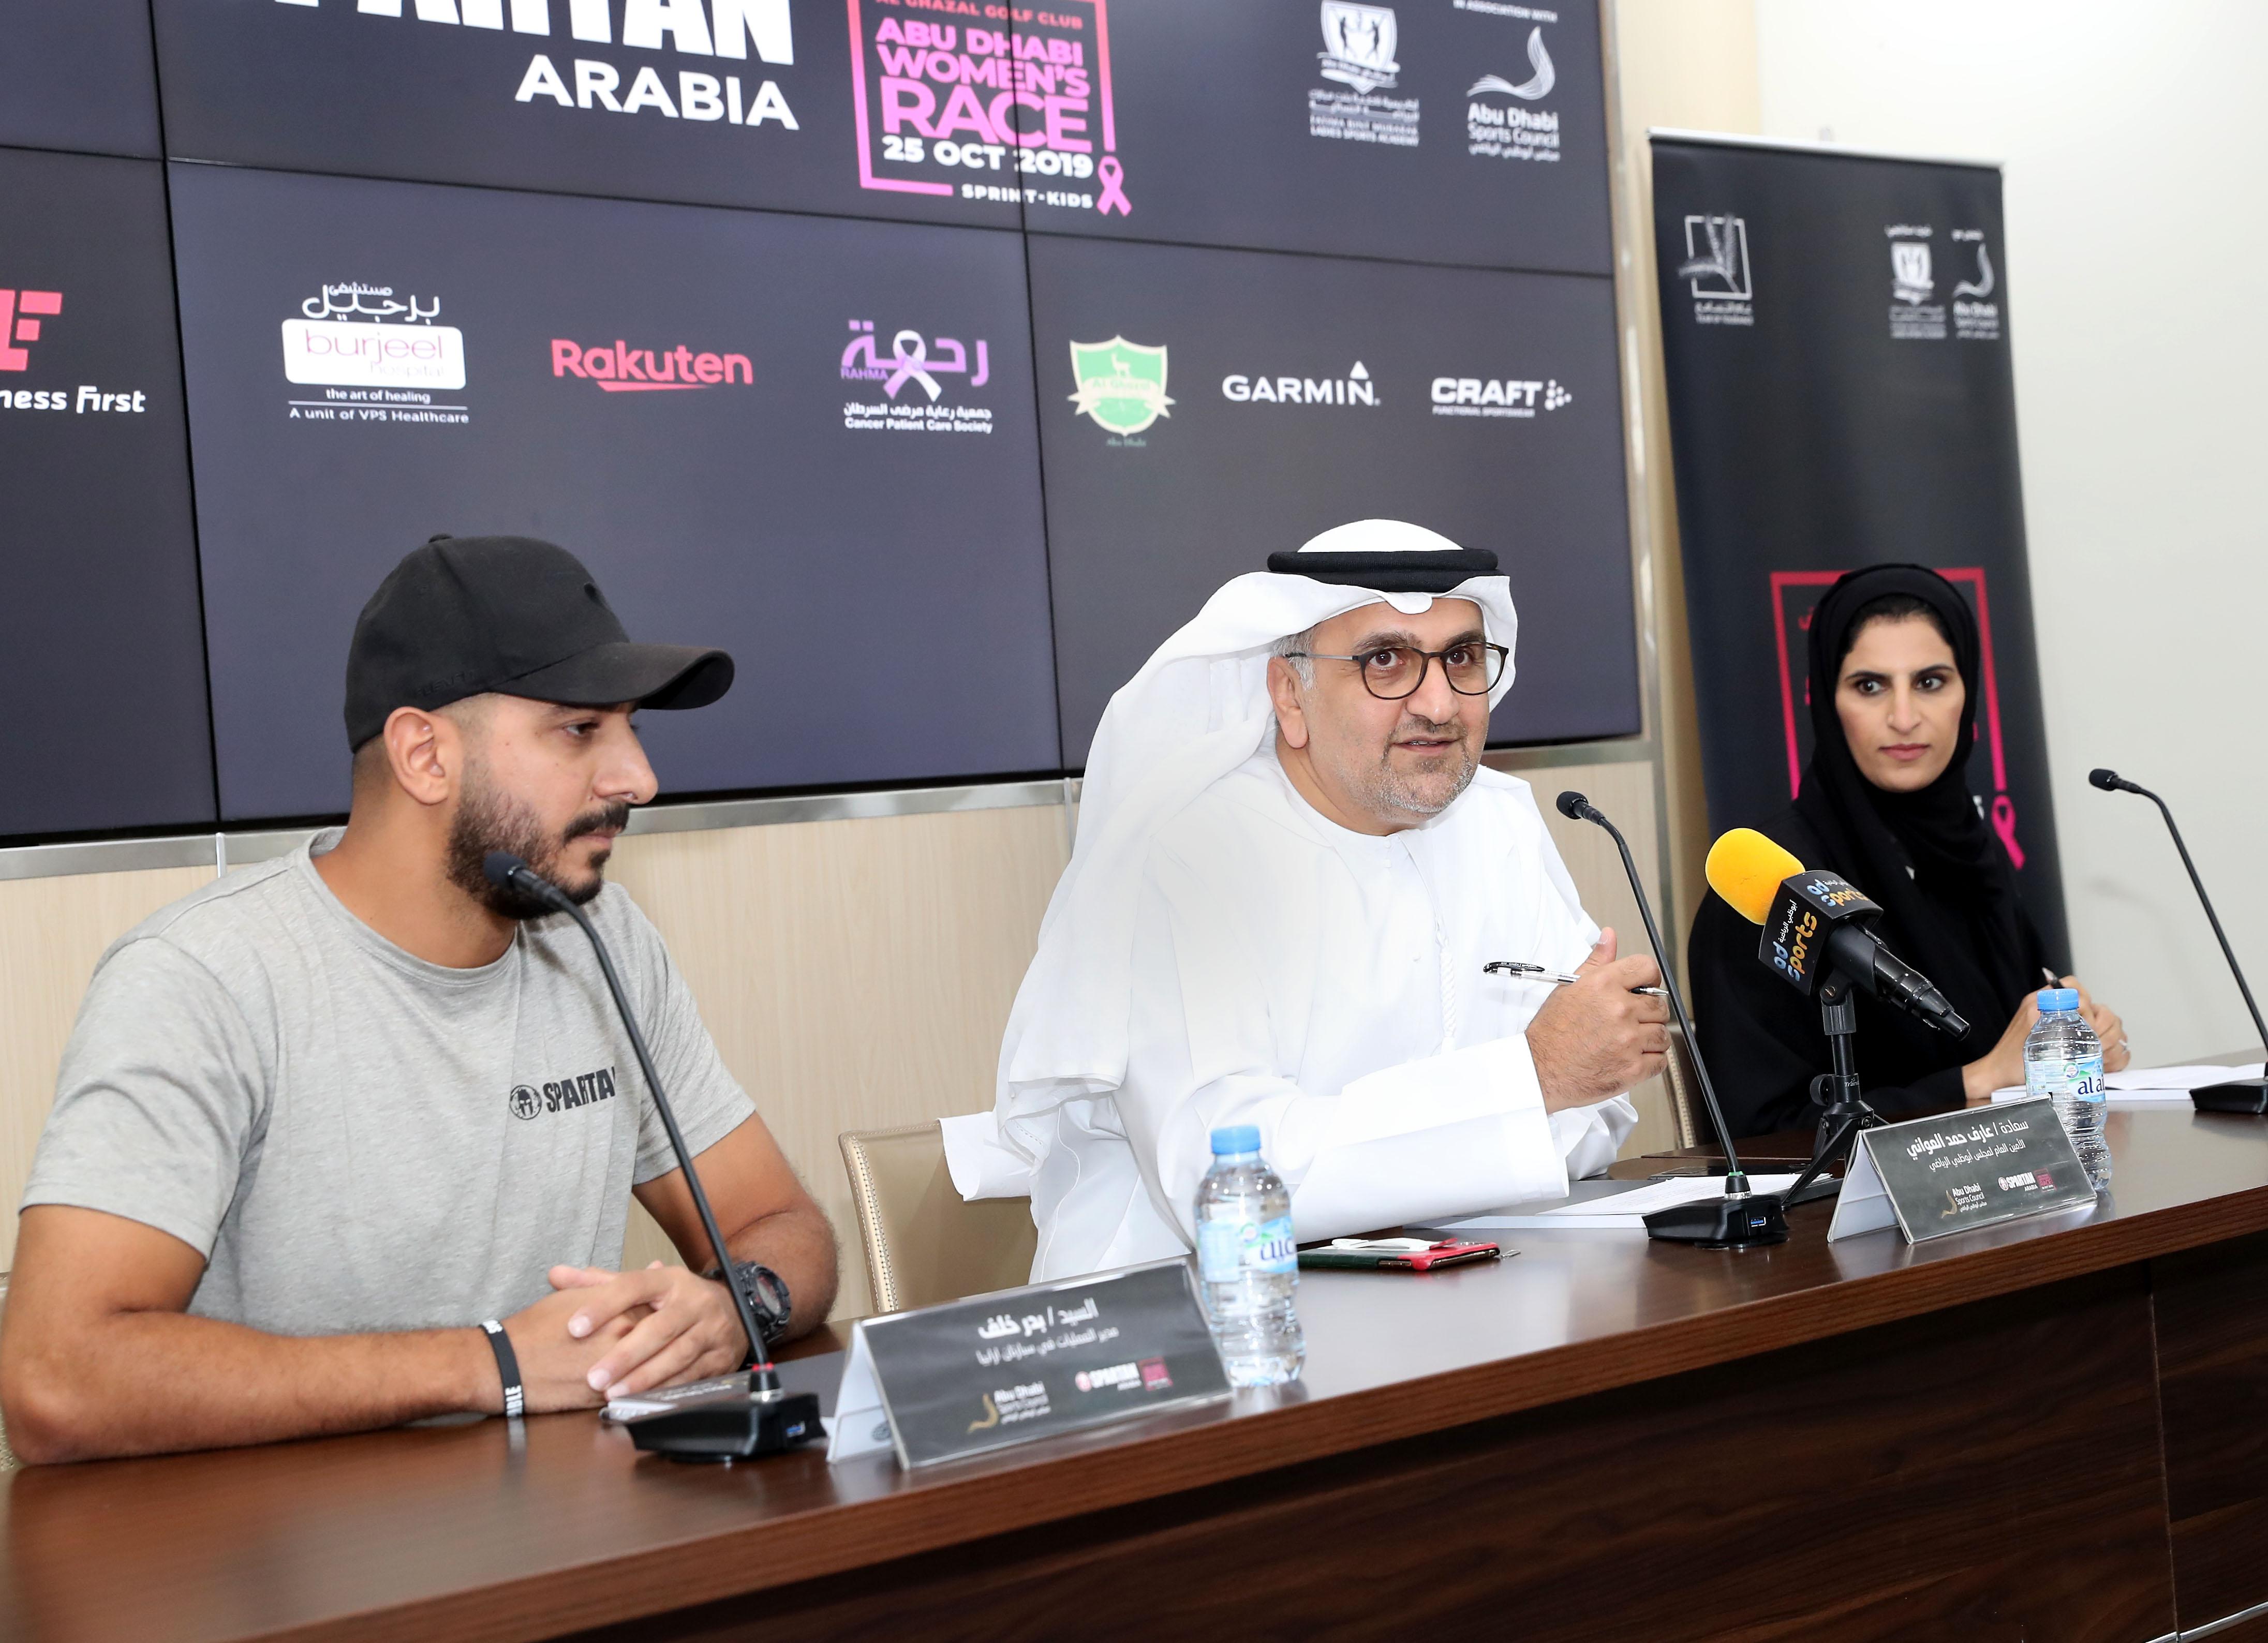 تنظيم سباق سبارتن للسيدات 25 أكتوبر الجاري في أبوظبي